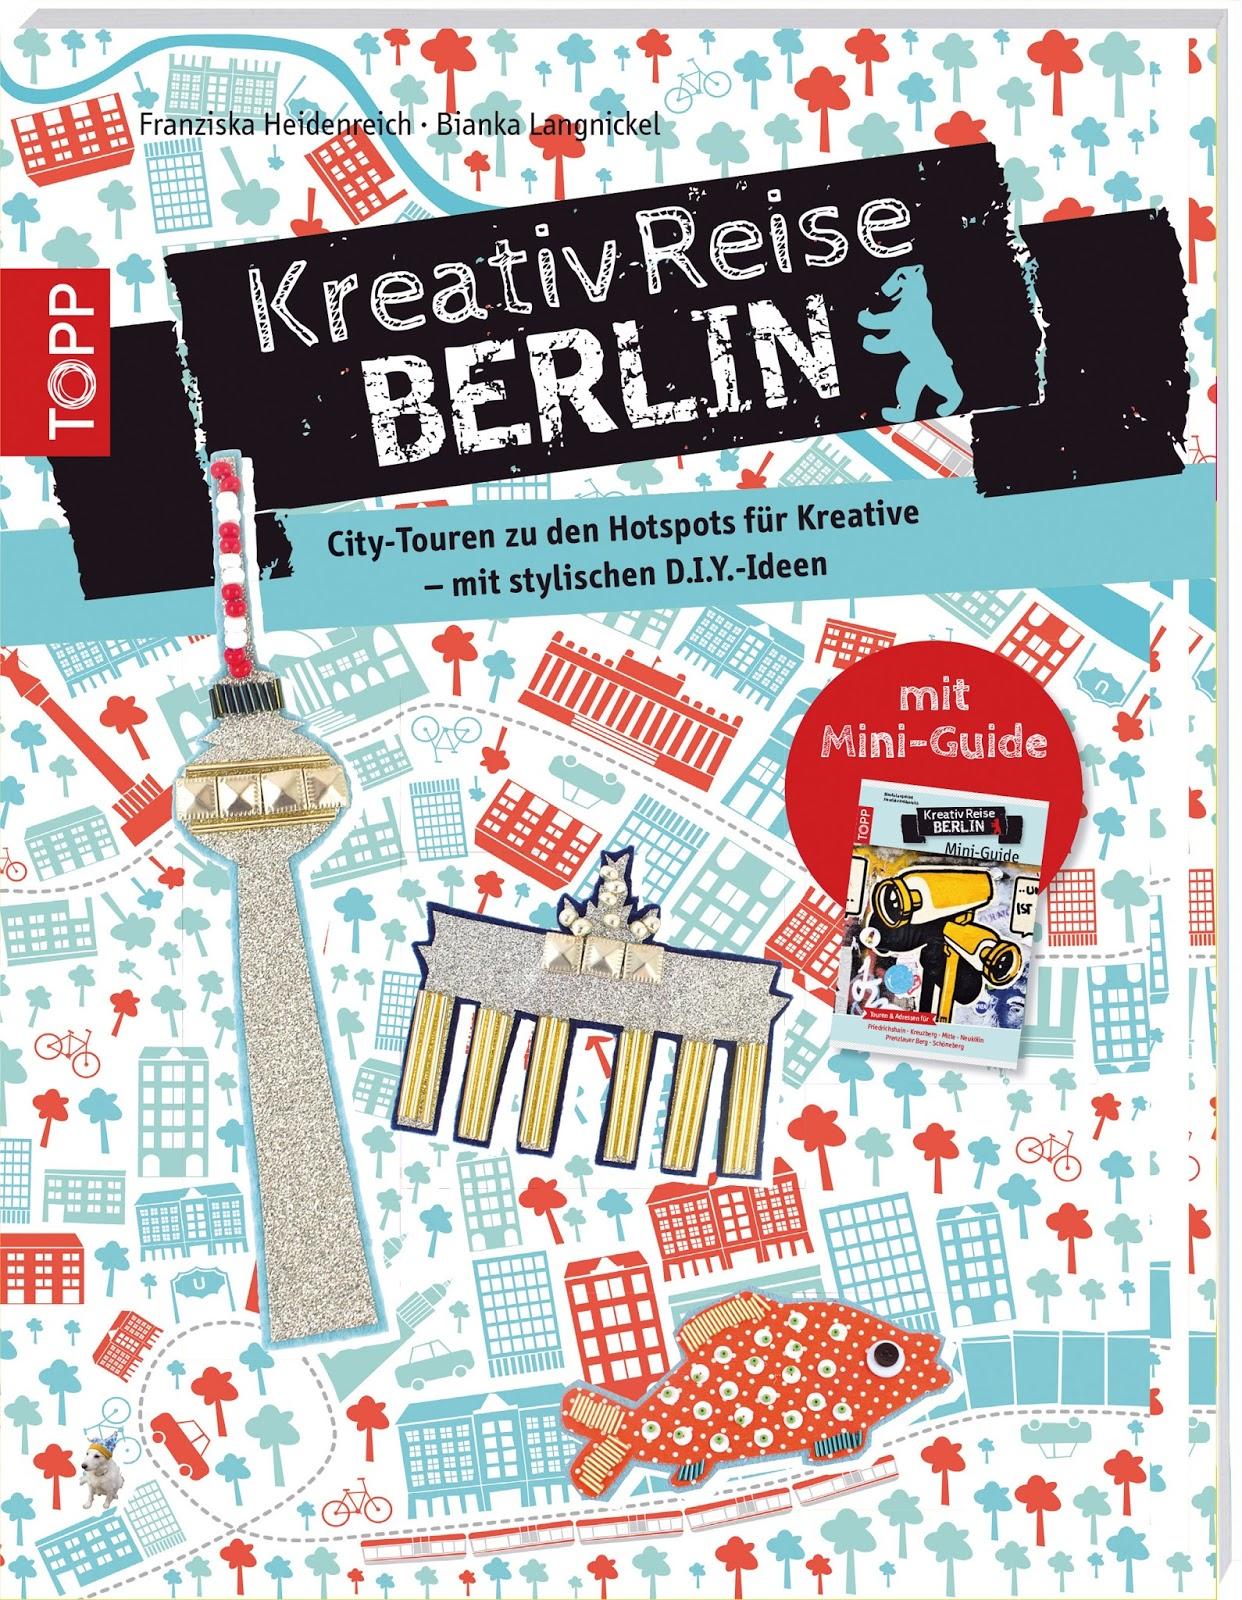 Rezension: Kreativ-Reise Berlin: City-Touren zu den Hotspots für Kreative – mit stylischen D.I.Y-Ideen